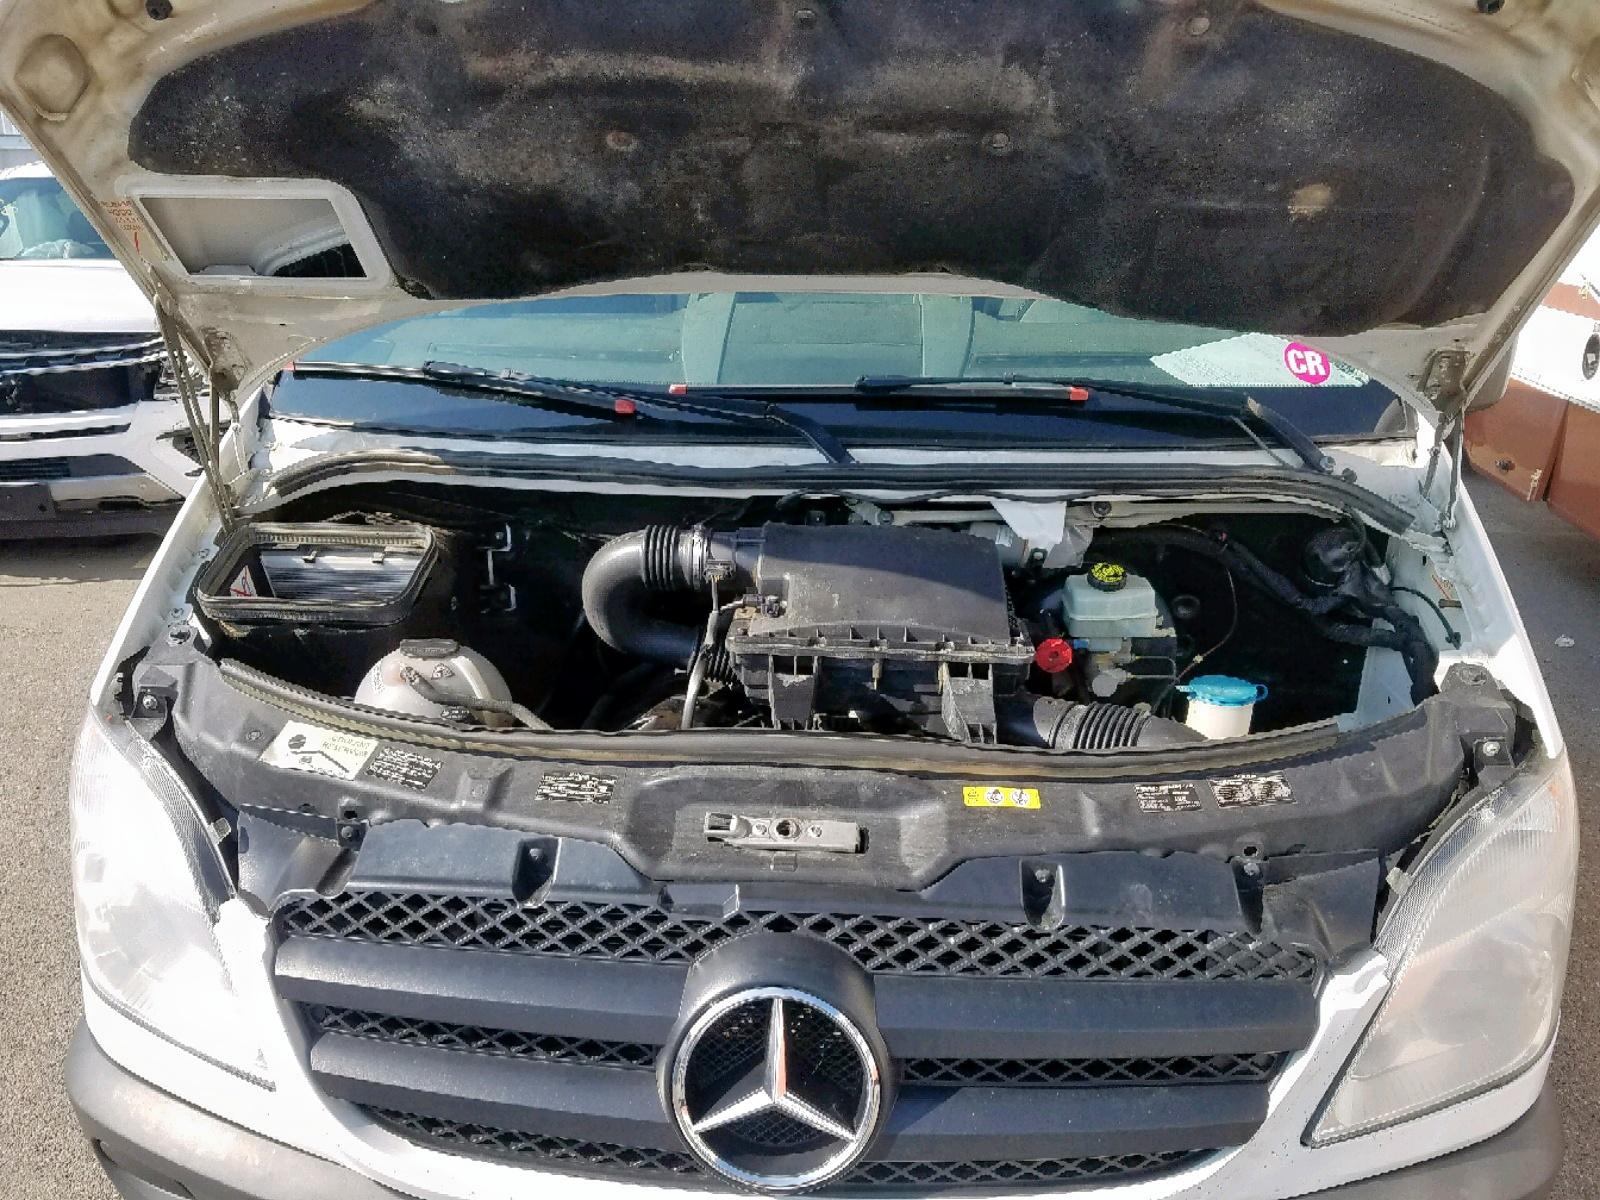 2012 Mercedes-Benz Sprinter 2 3.0L inside view